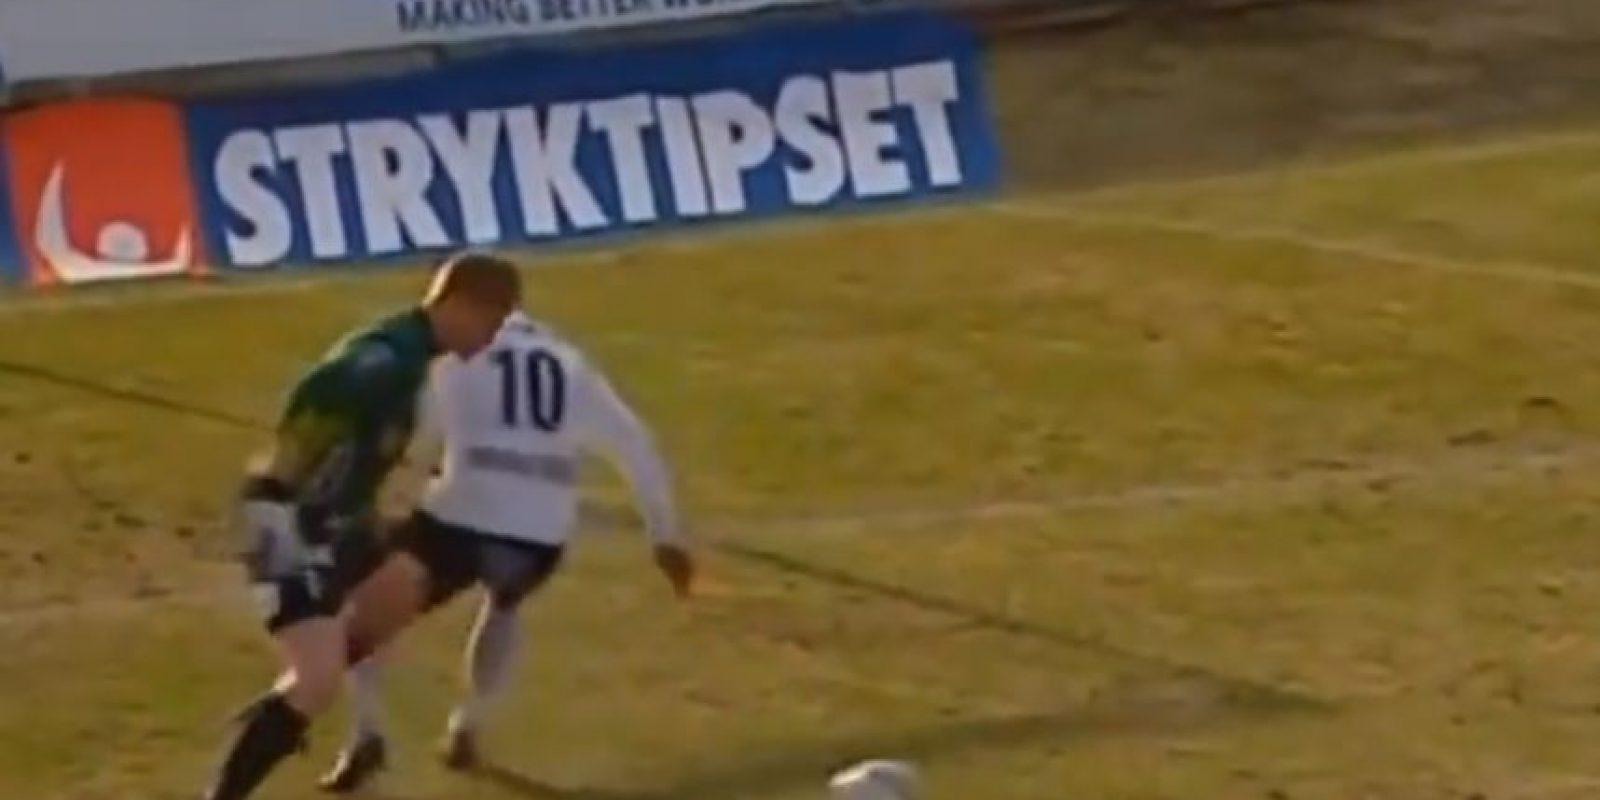 En 2013, en un partido entre el Hacken y Mjallby de Suecia, el arquero se lució con una espectacular jugada en su área Foto:Youtube: futboletetv